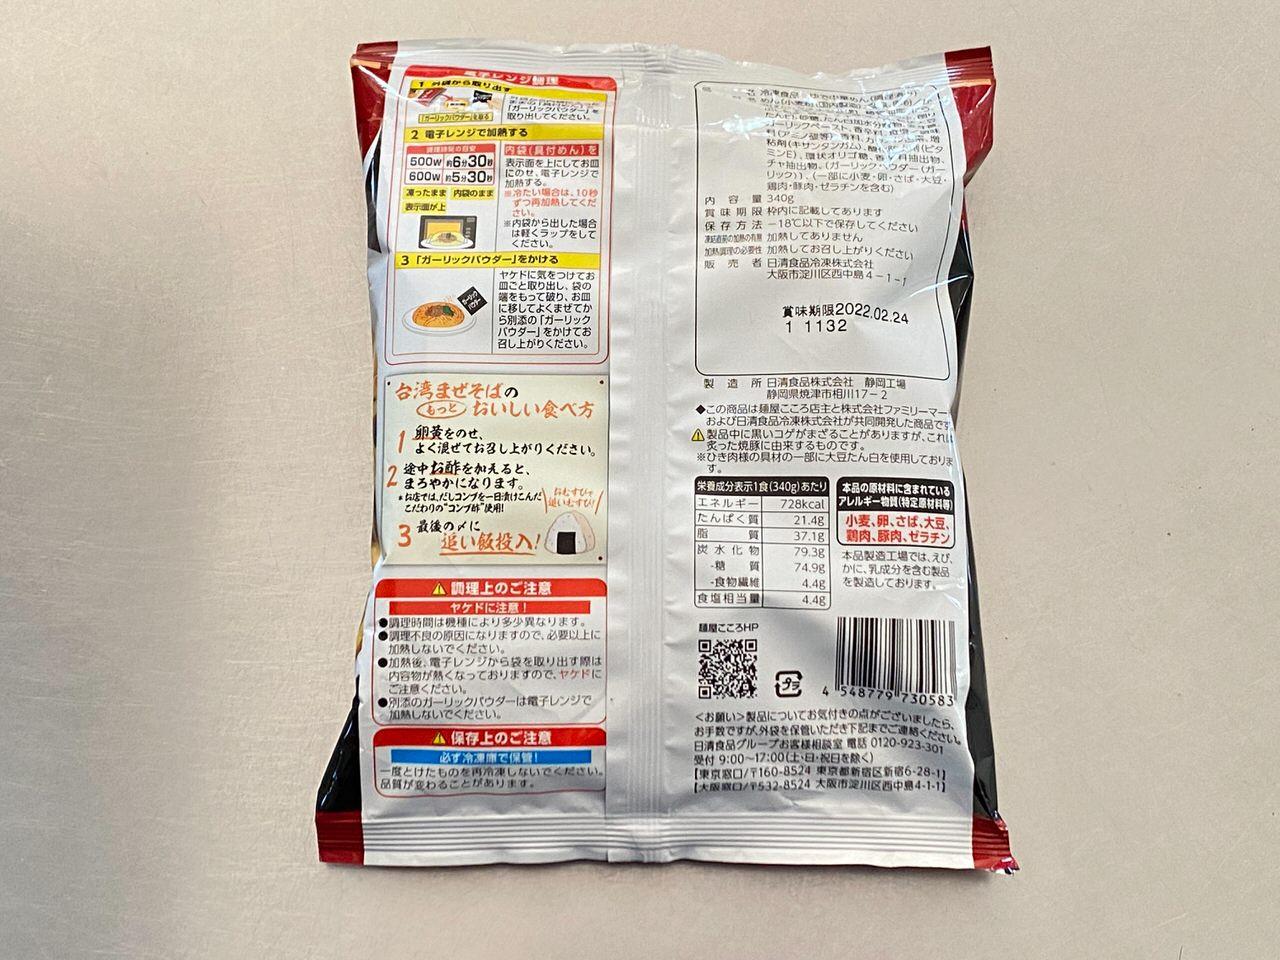 【ファミマ】「麺屋こころ監修 台湾まぜそば」 002 202103